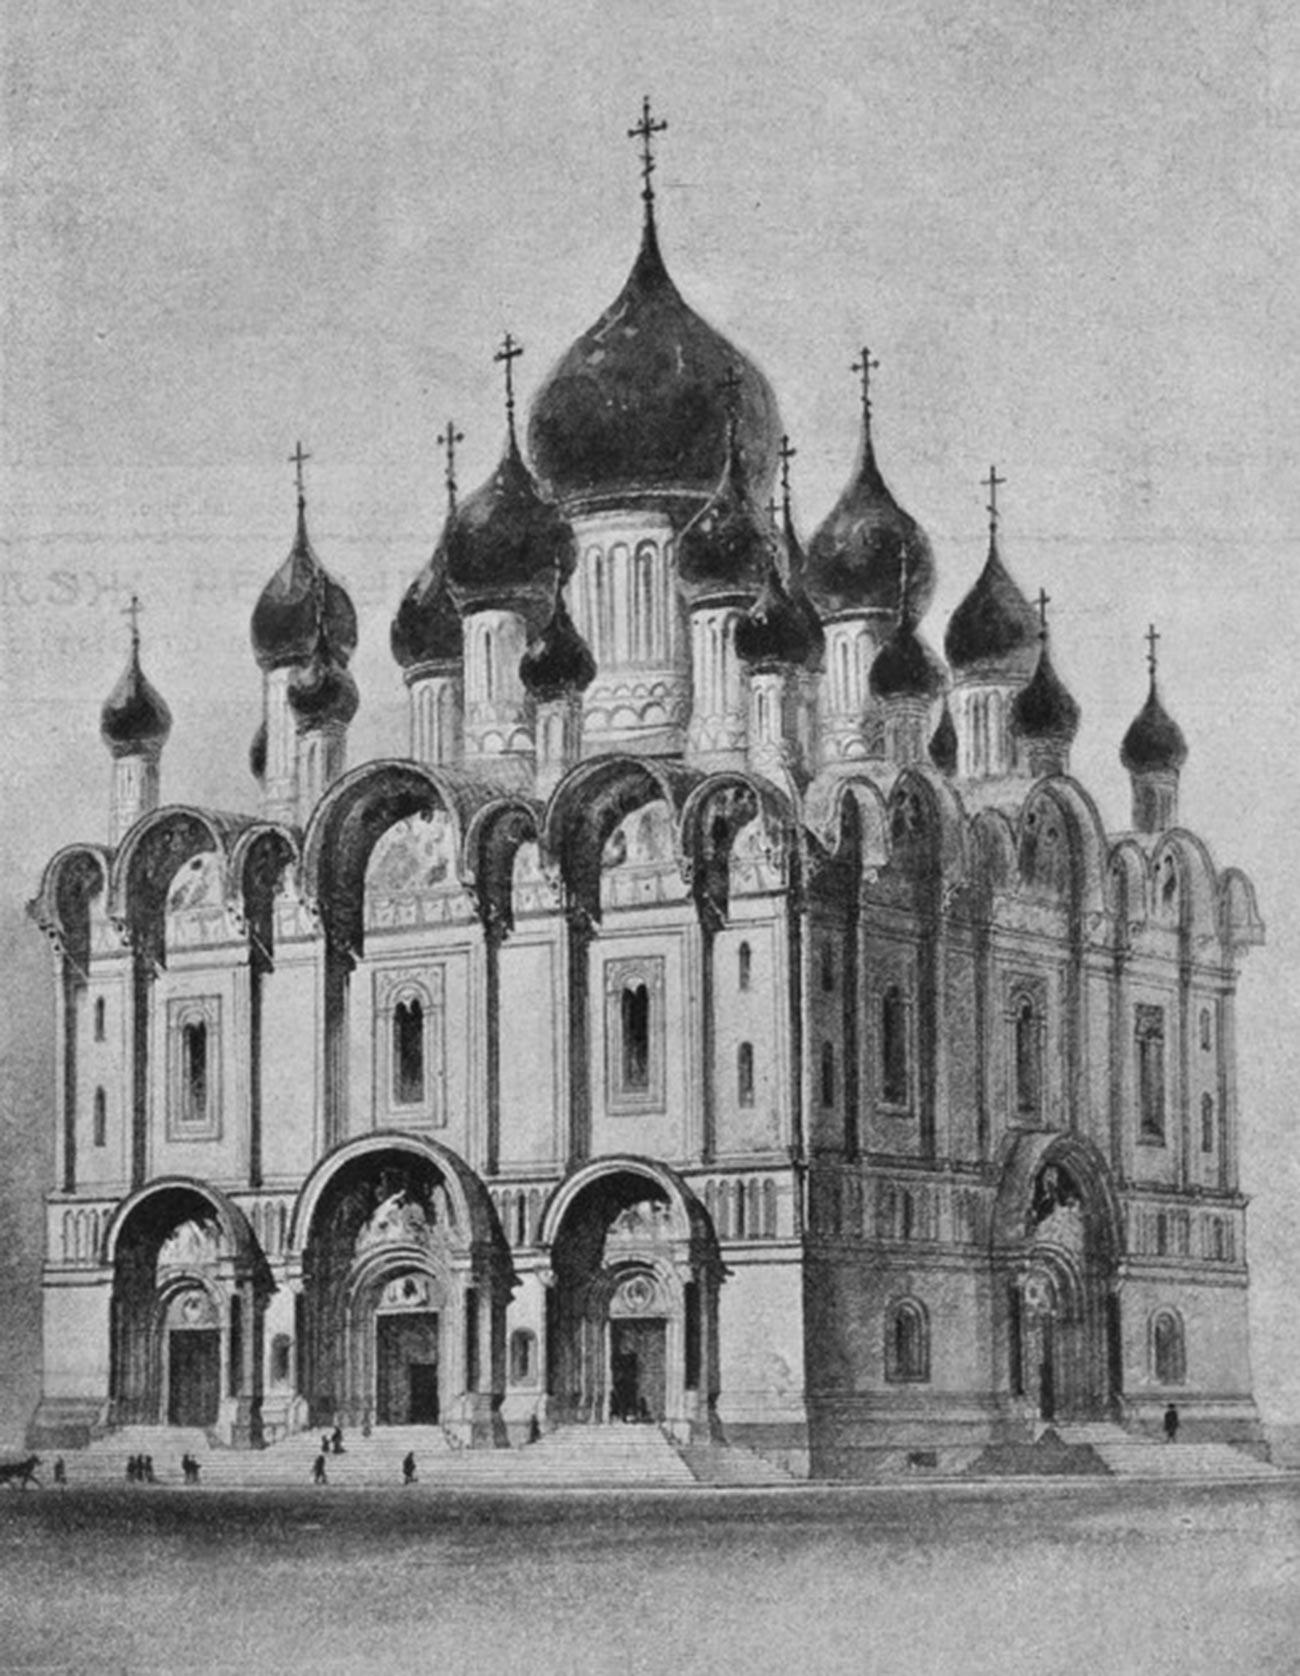 Външният вид на храма. Рисунка по проект на А. Н. Померанцев (1904)